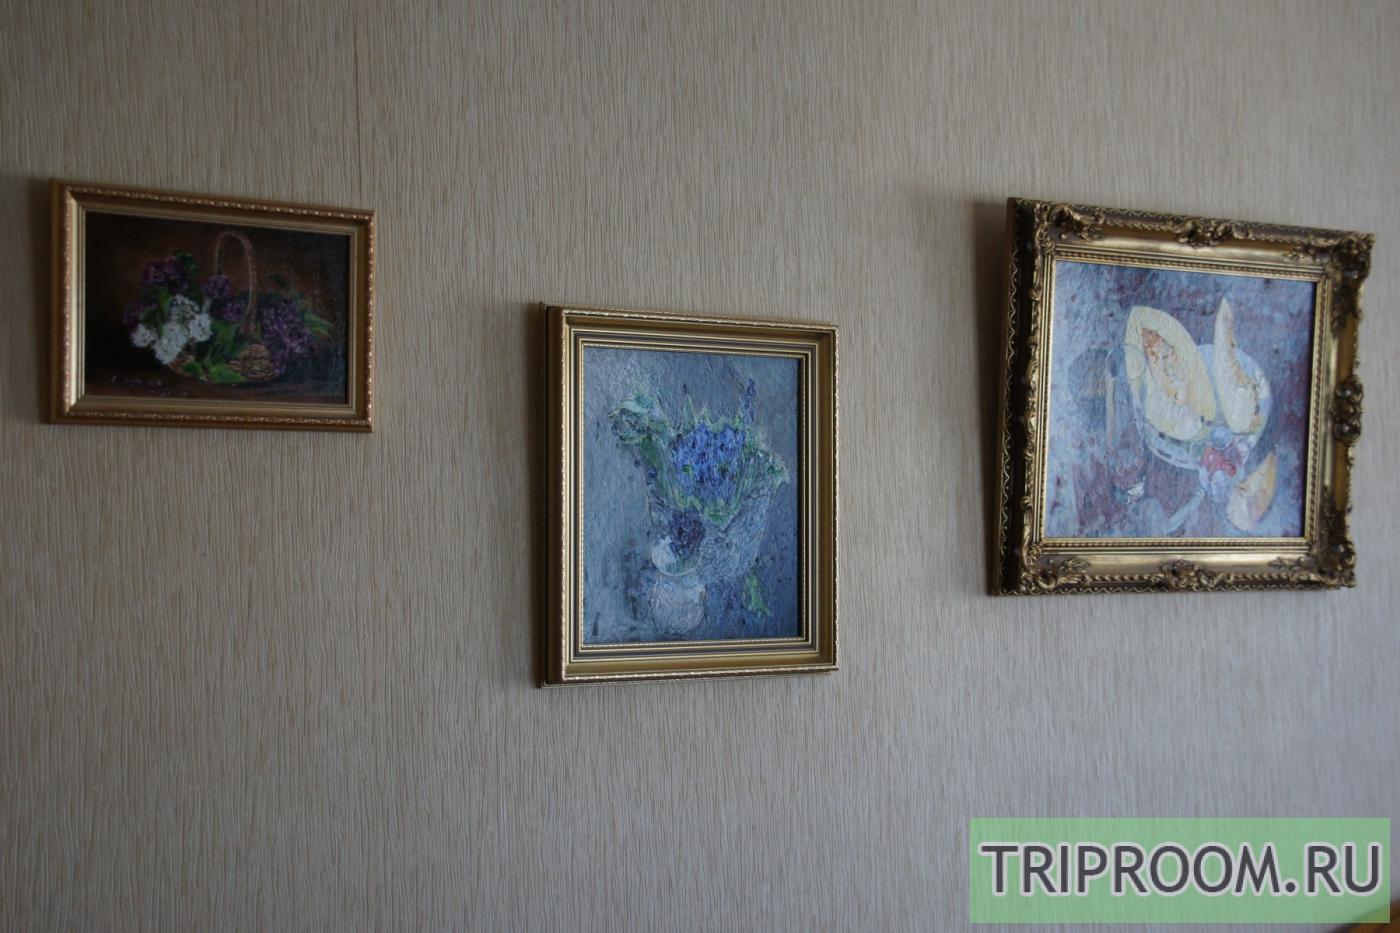 3-комнатная квартира посуточно (вариант № 18694), ул. Рокоссовского улица, фото № 12